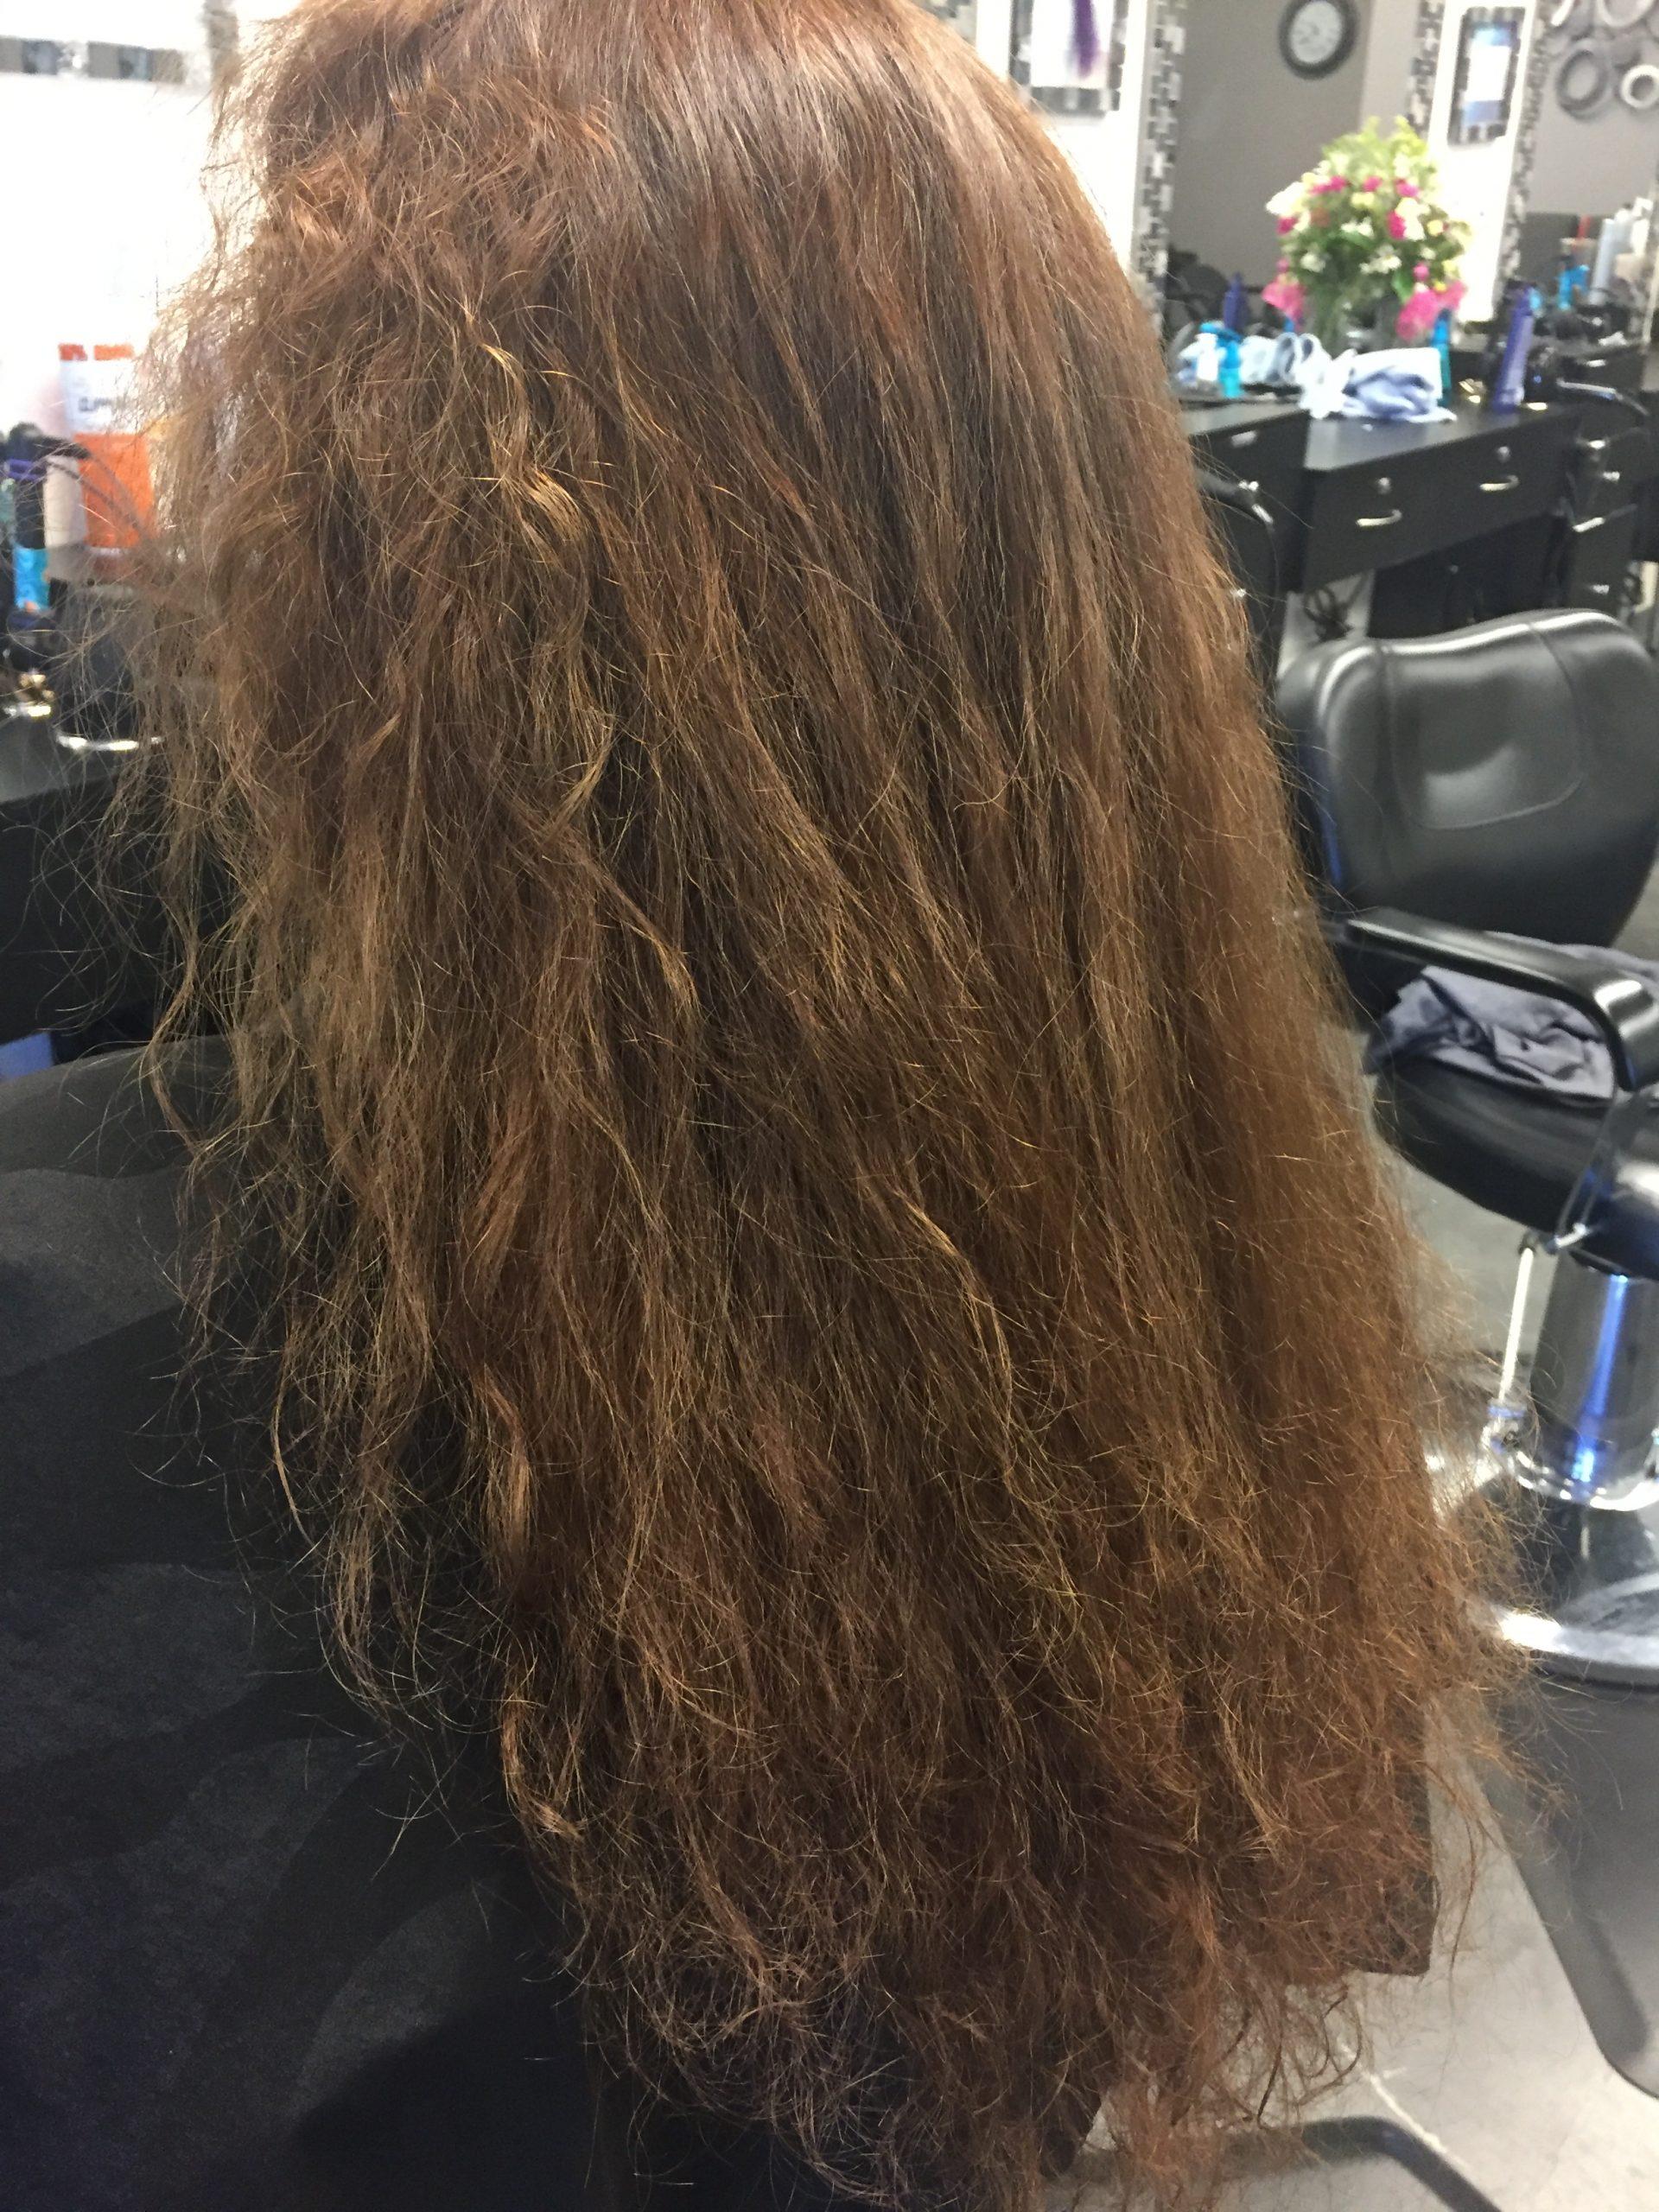 Hair Style Photos 20